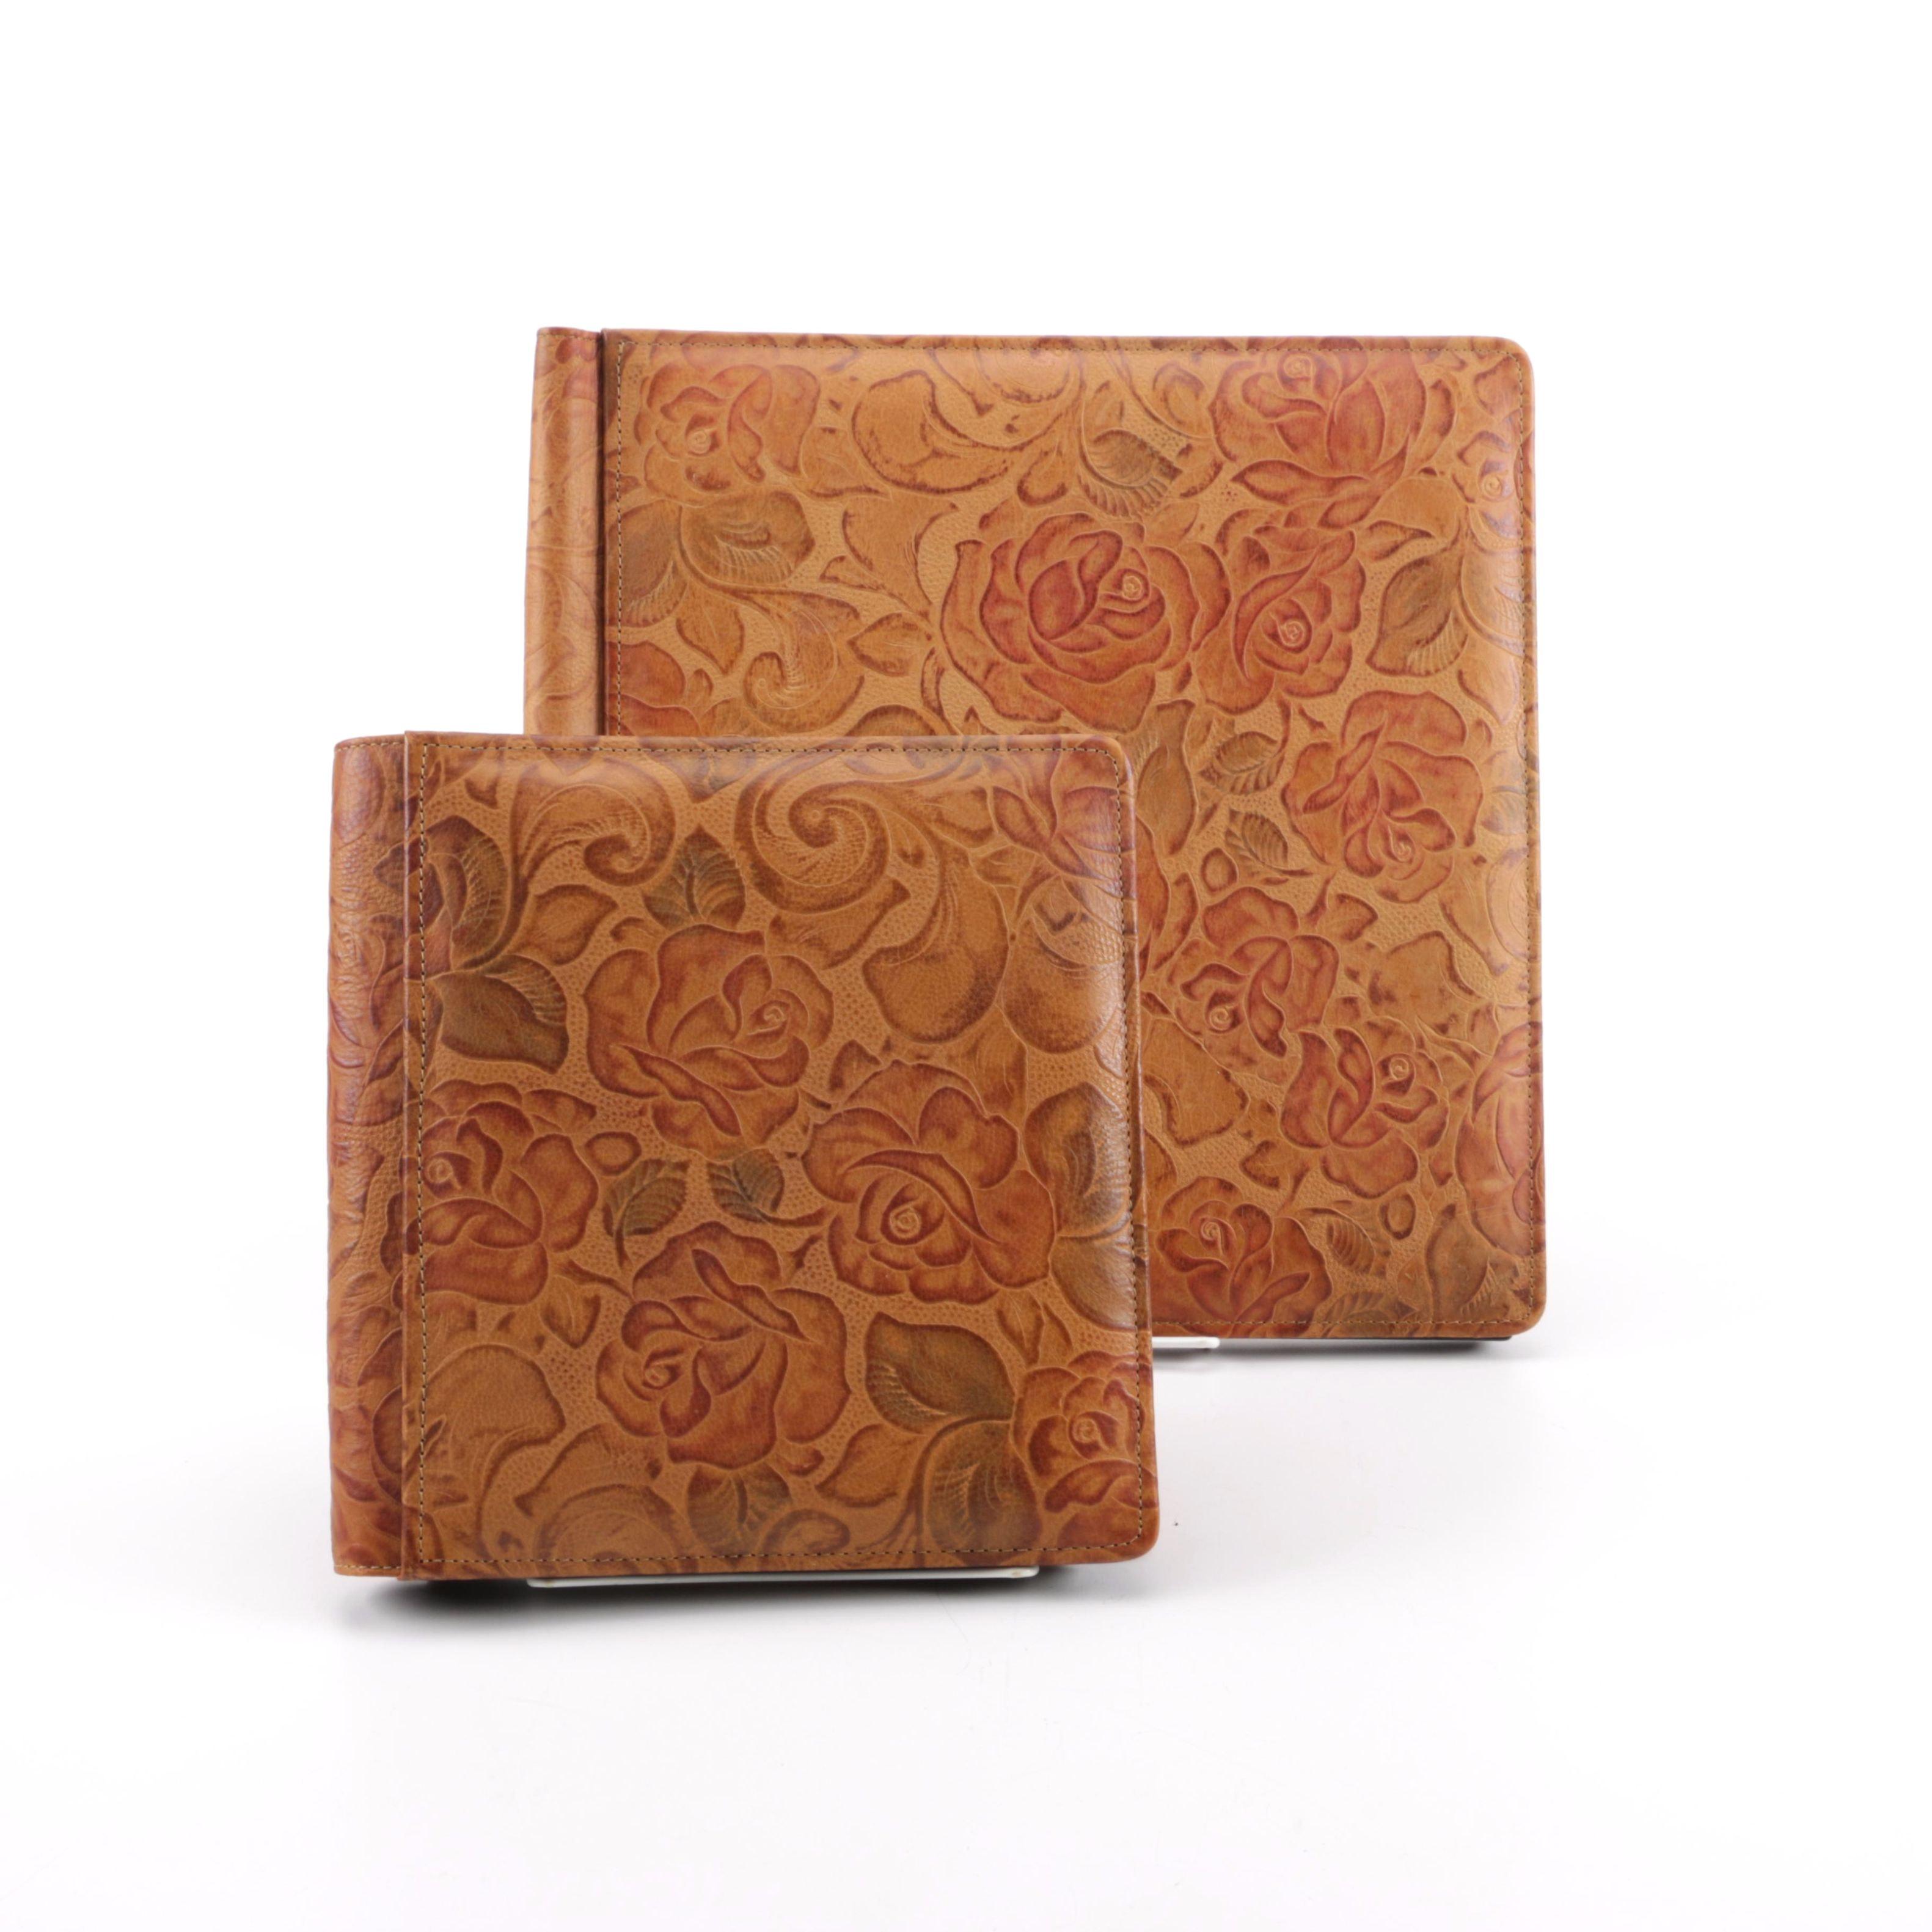 Pair of Raika Leather Photo Albums